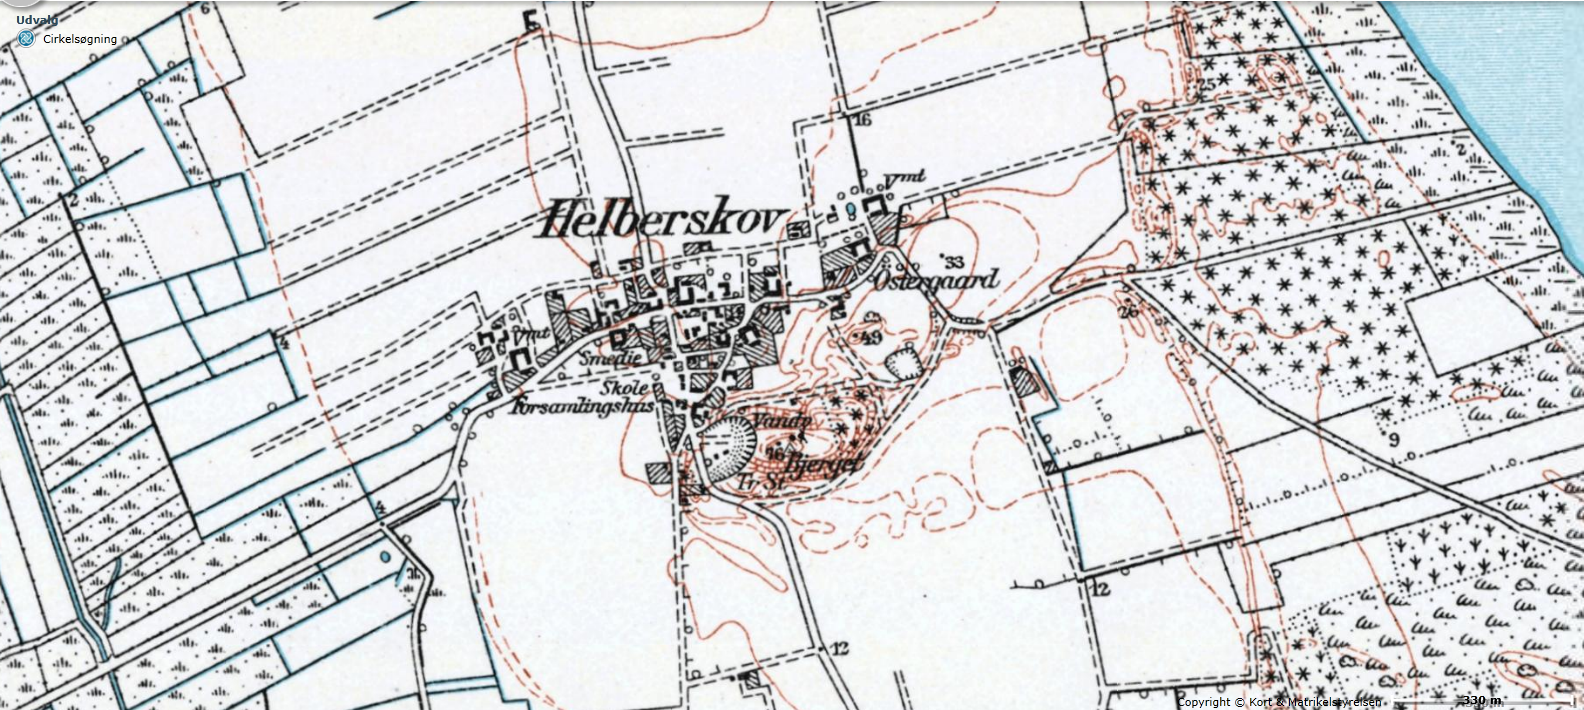 helberskov lm 1945